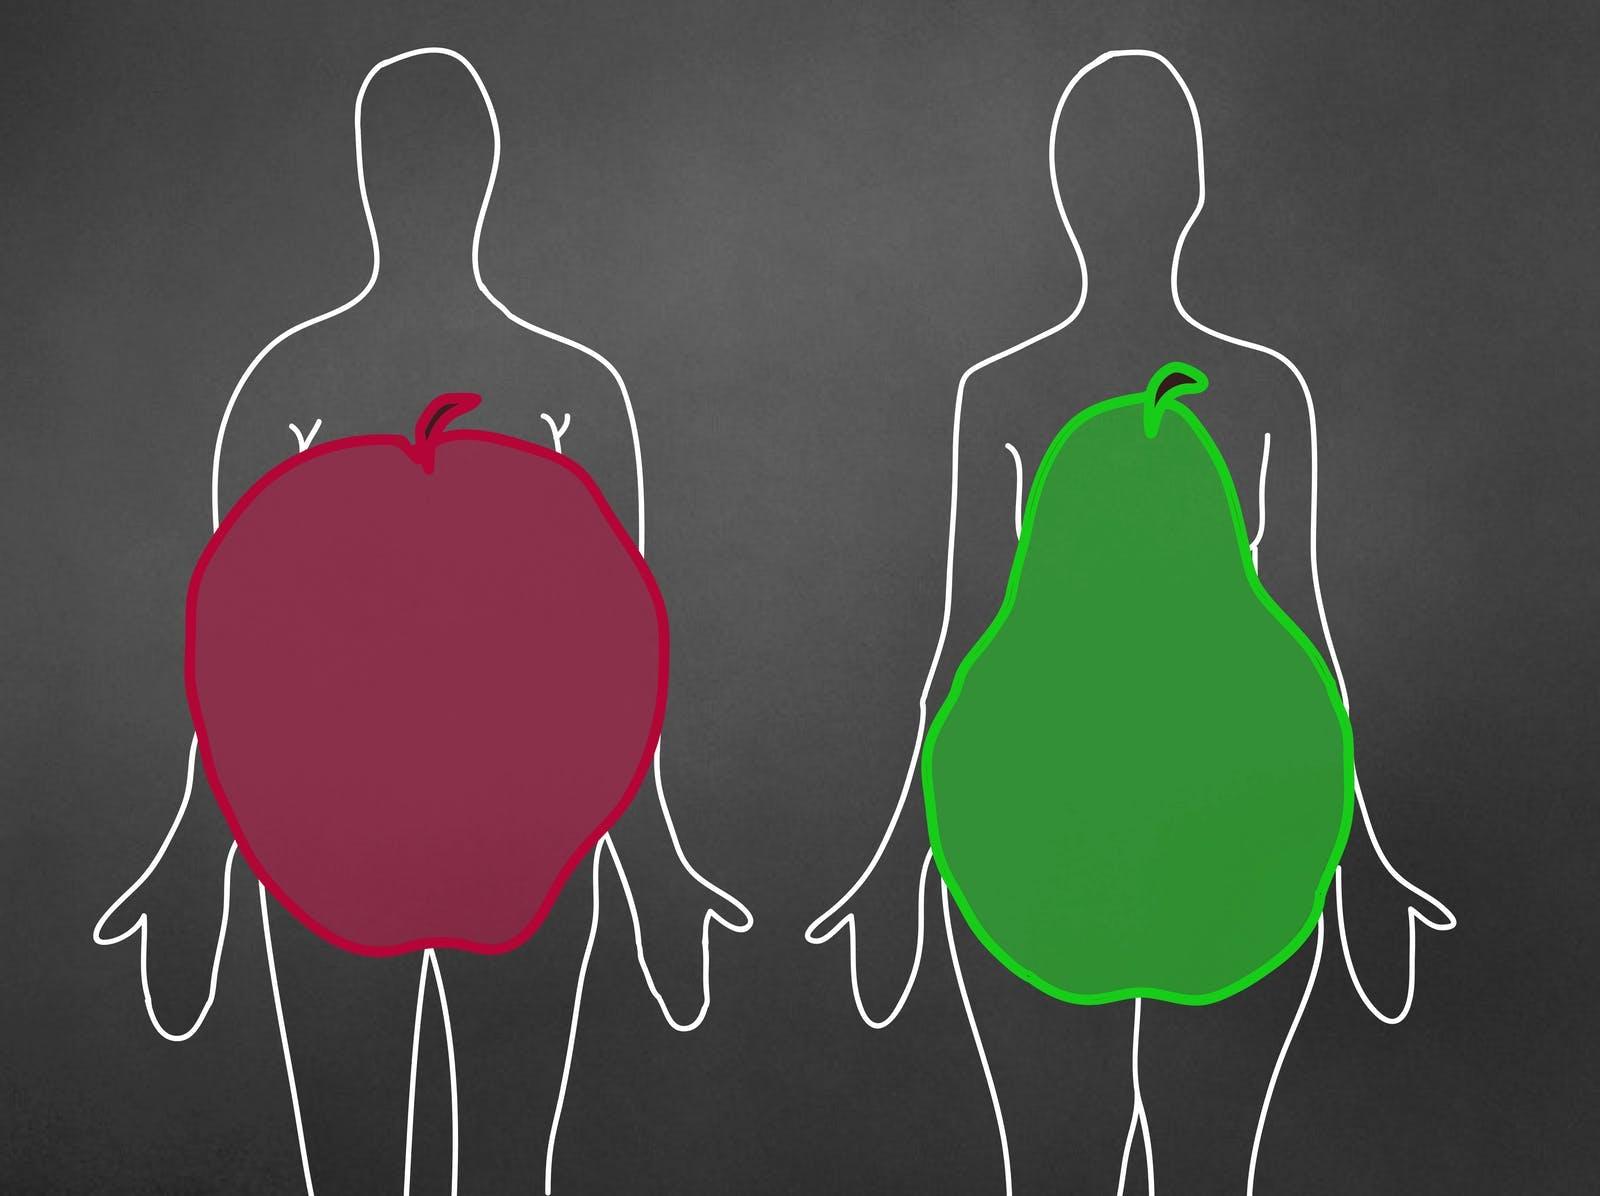 All fettvävnad är inte likadan